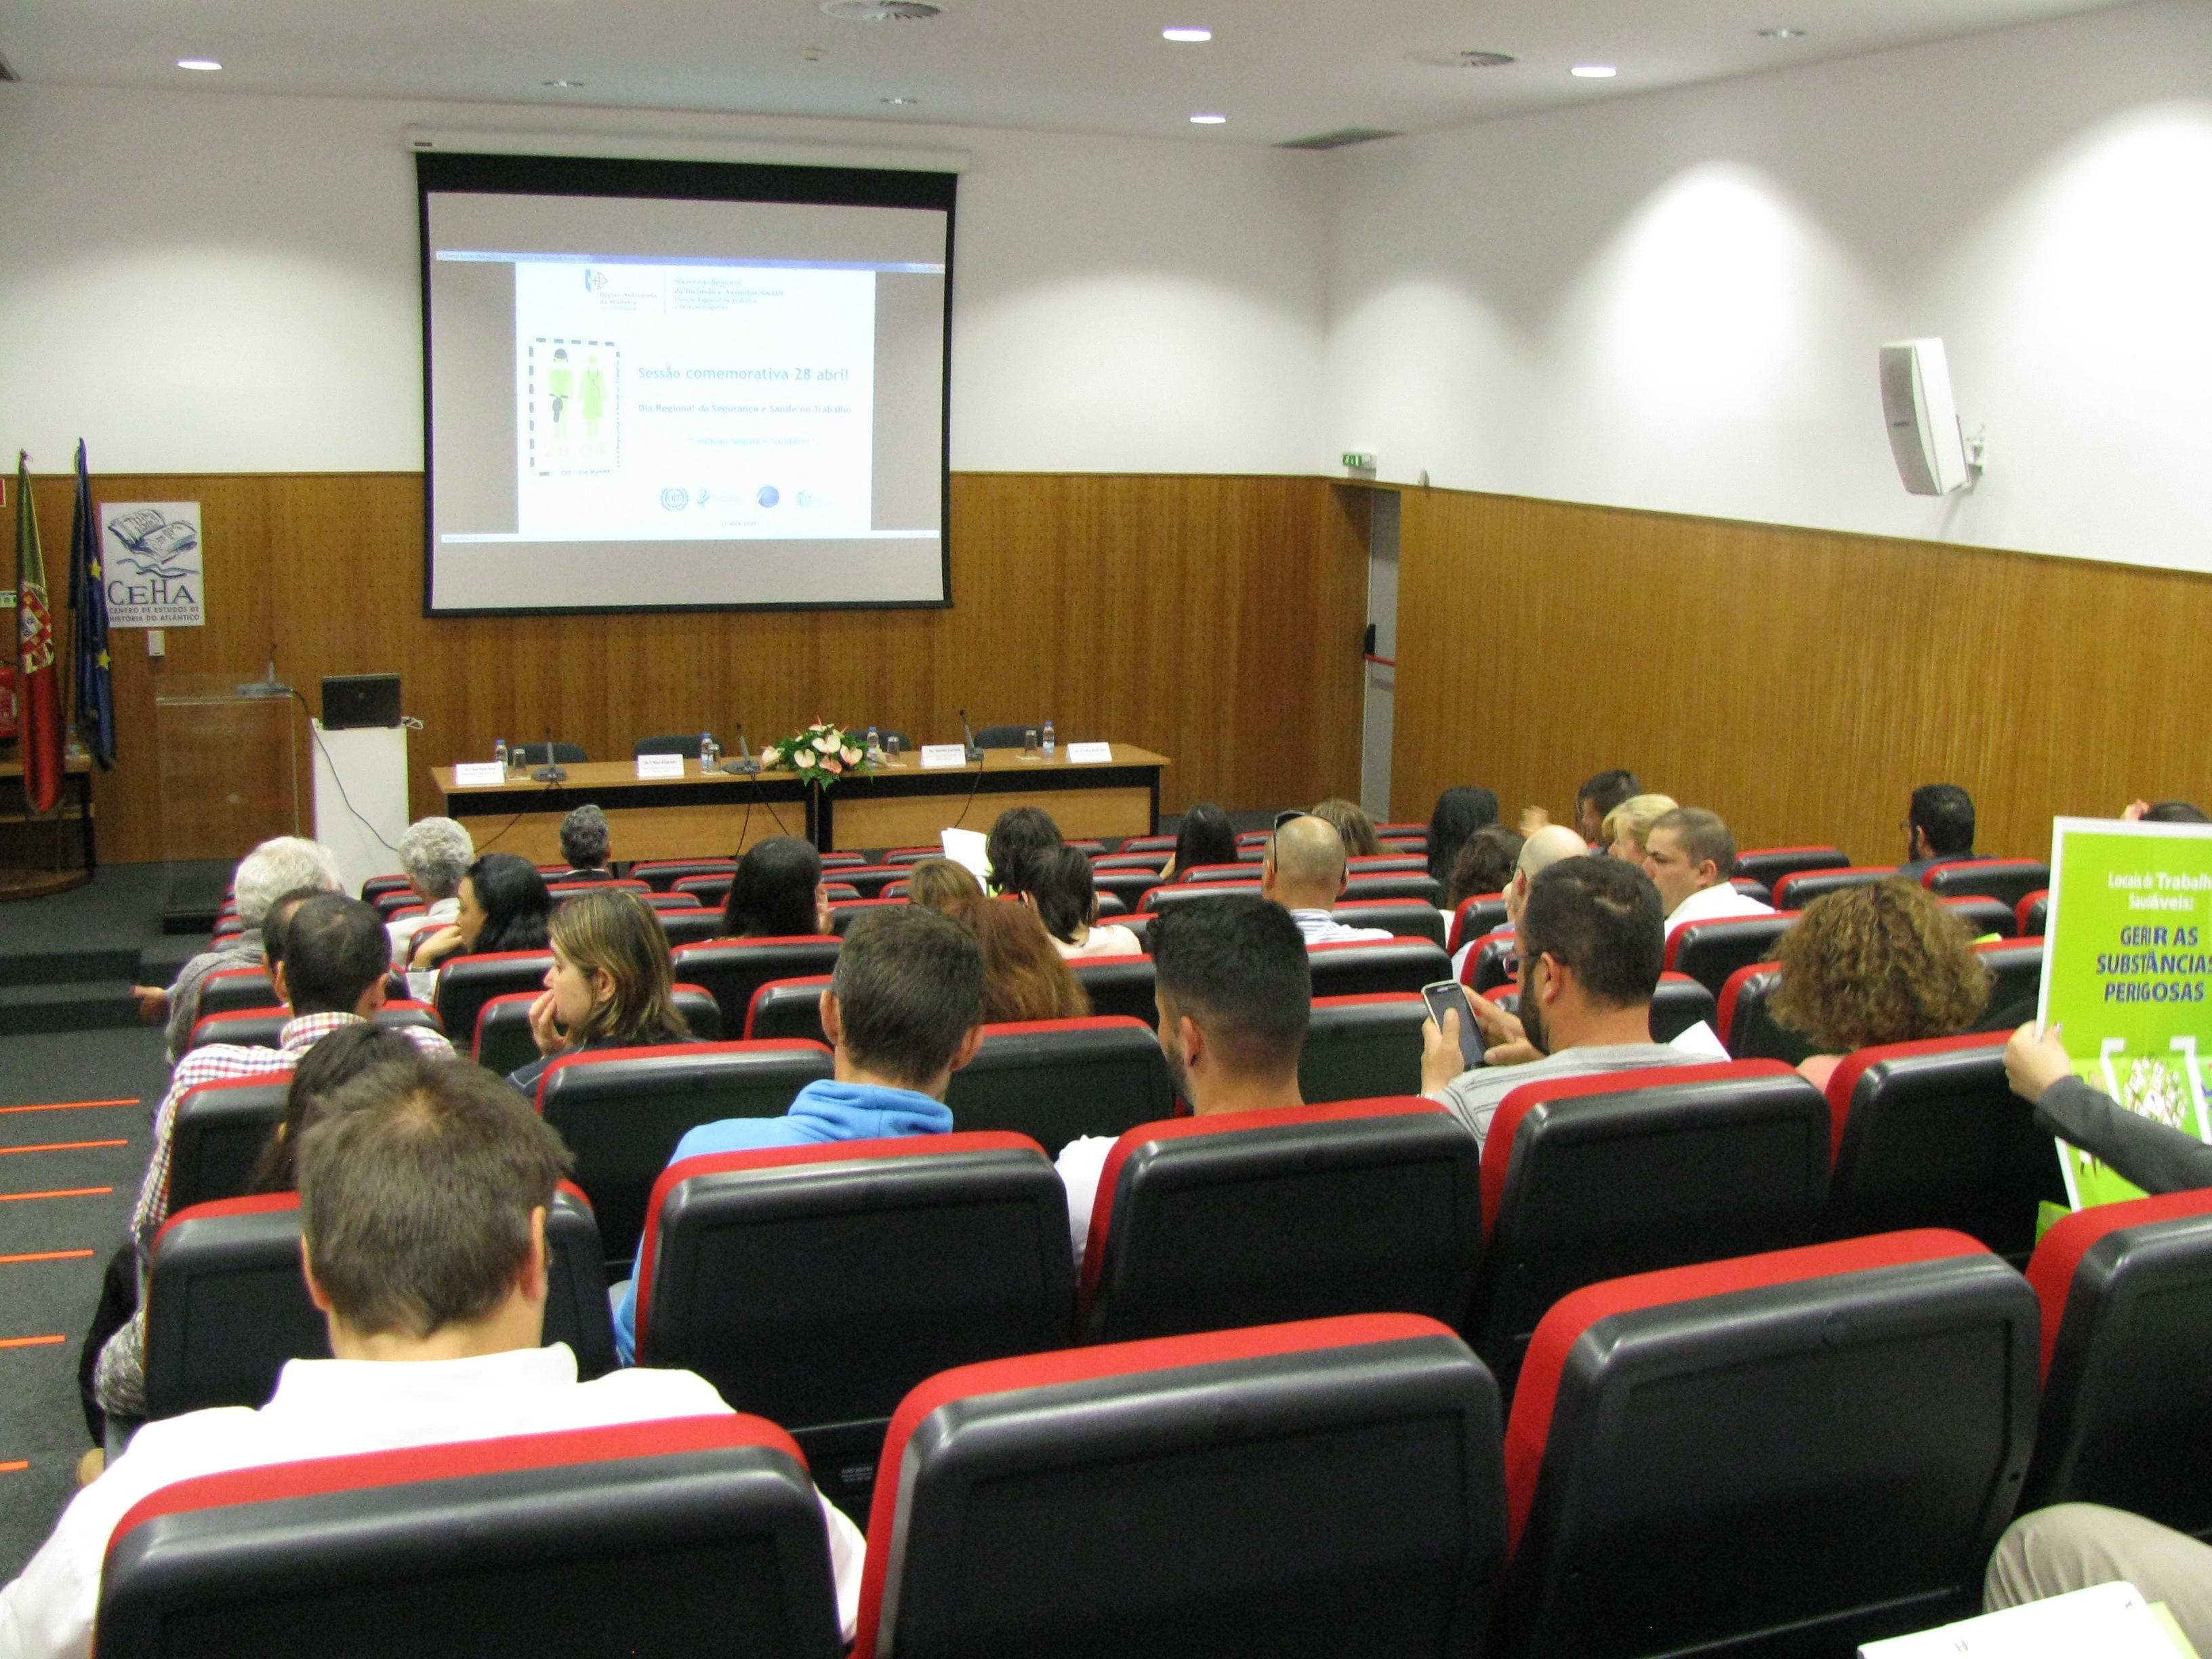 Sessão Comemorativa do 28 de abril